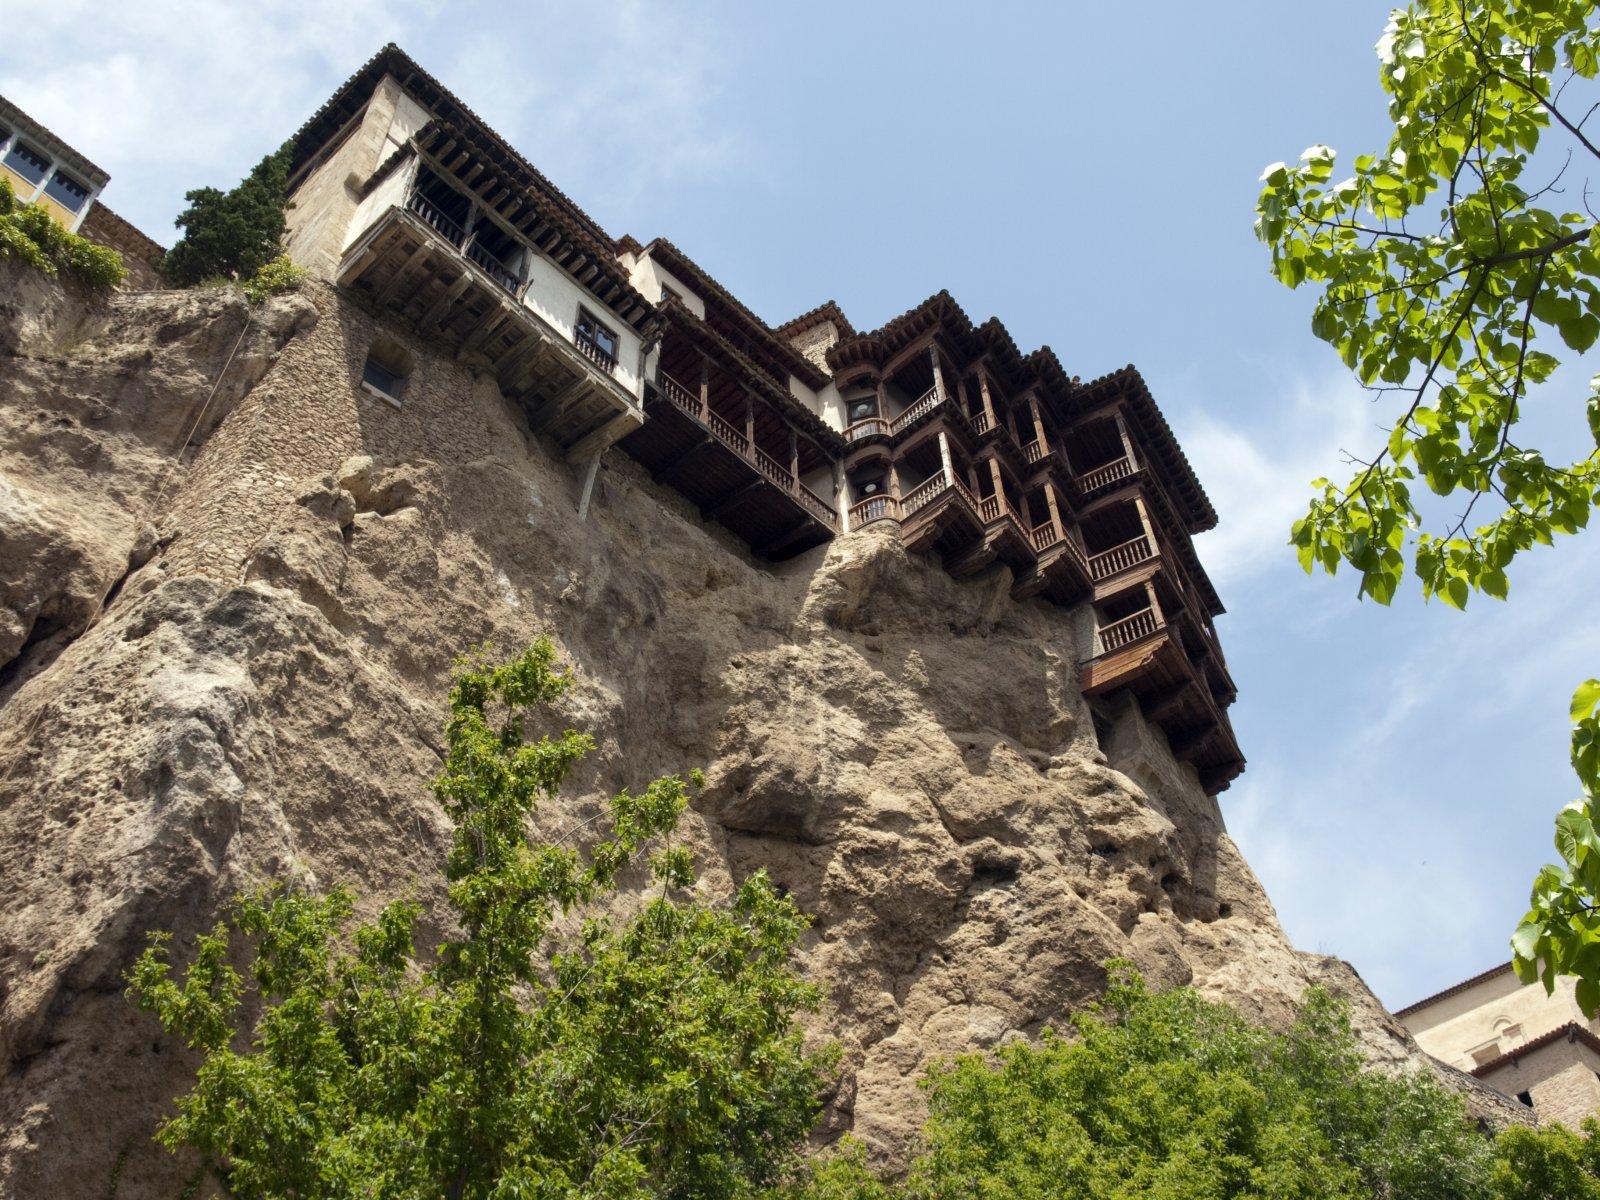 Las Casas Colgadas at Cuenca, Spain